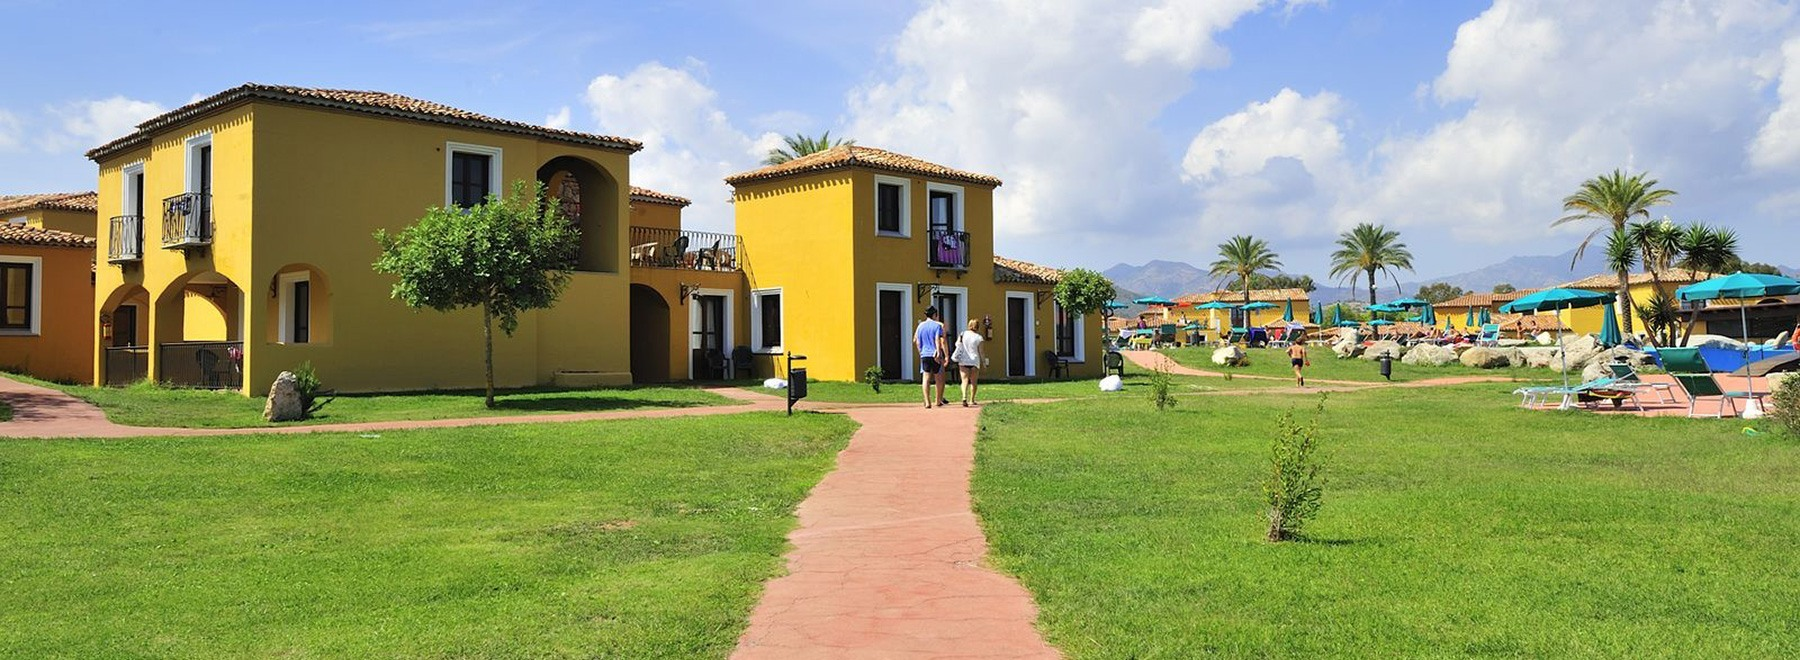 Le Piscine del Villaggio Baia dei Pini Villaggio  Sardegna